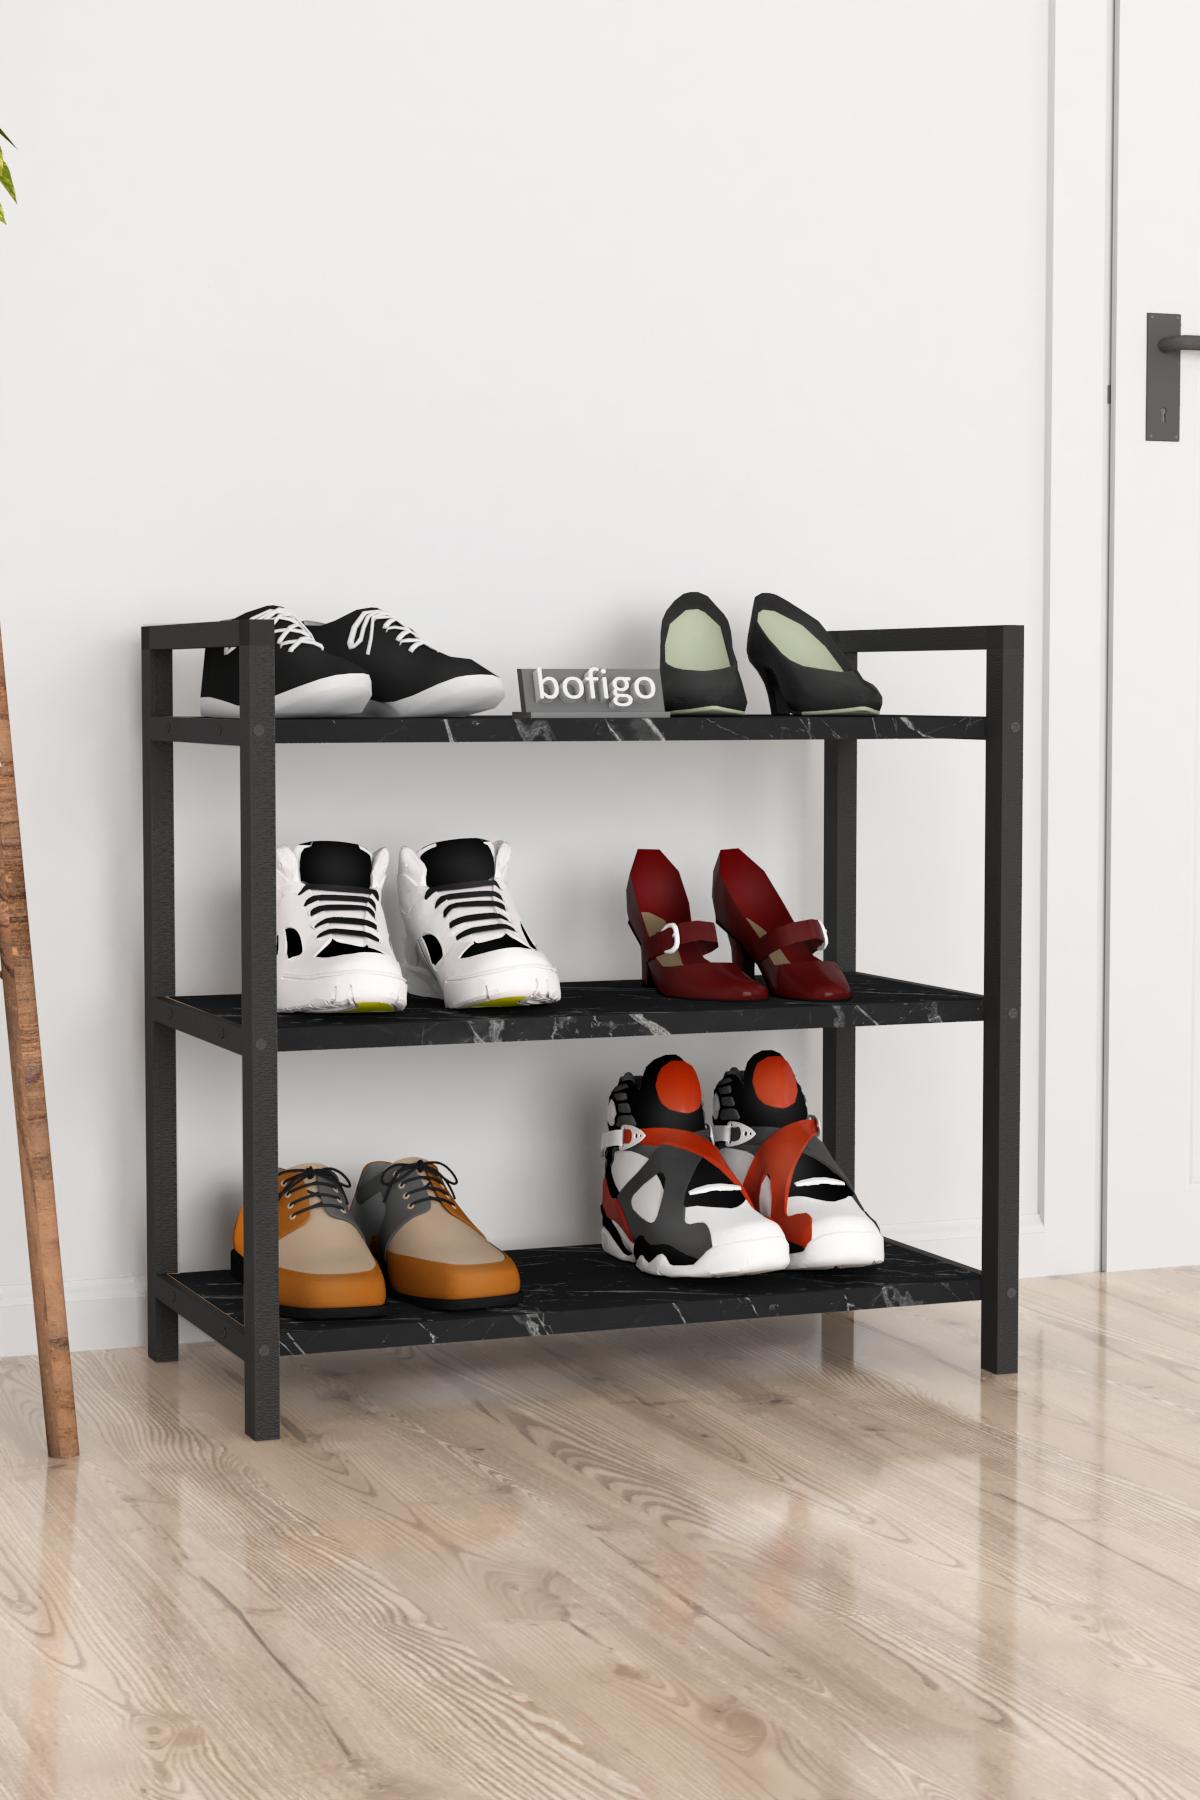 Bofigo Dekoratif 3 Raflı Ayakkabılık Metal Ayakkabılık Bendir